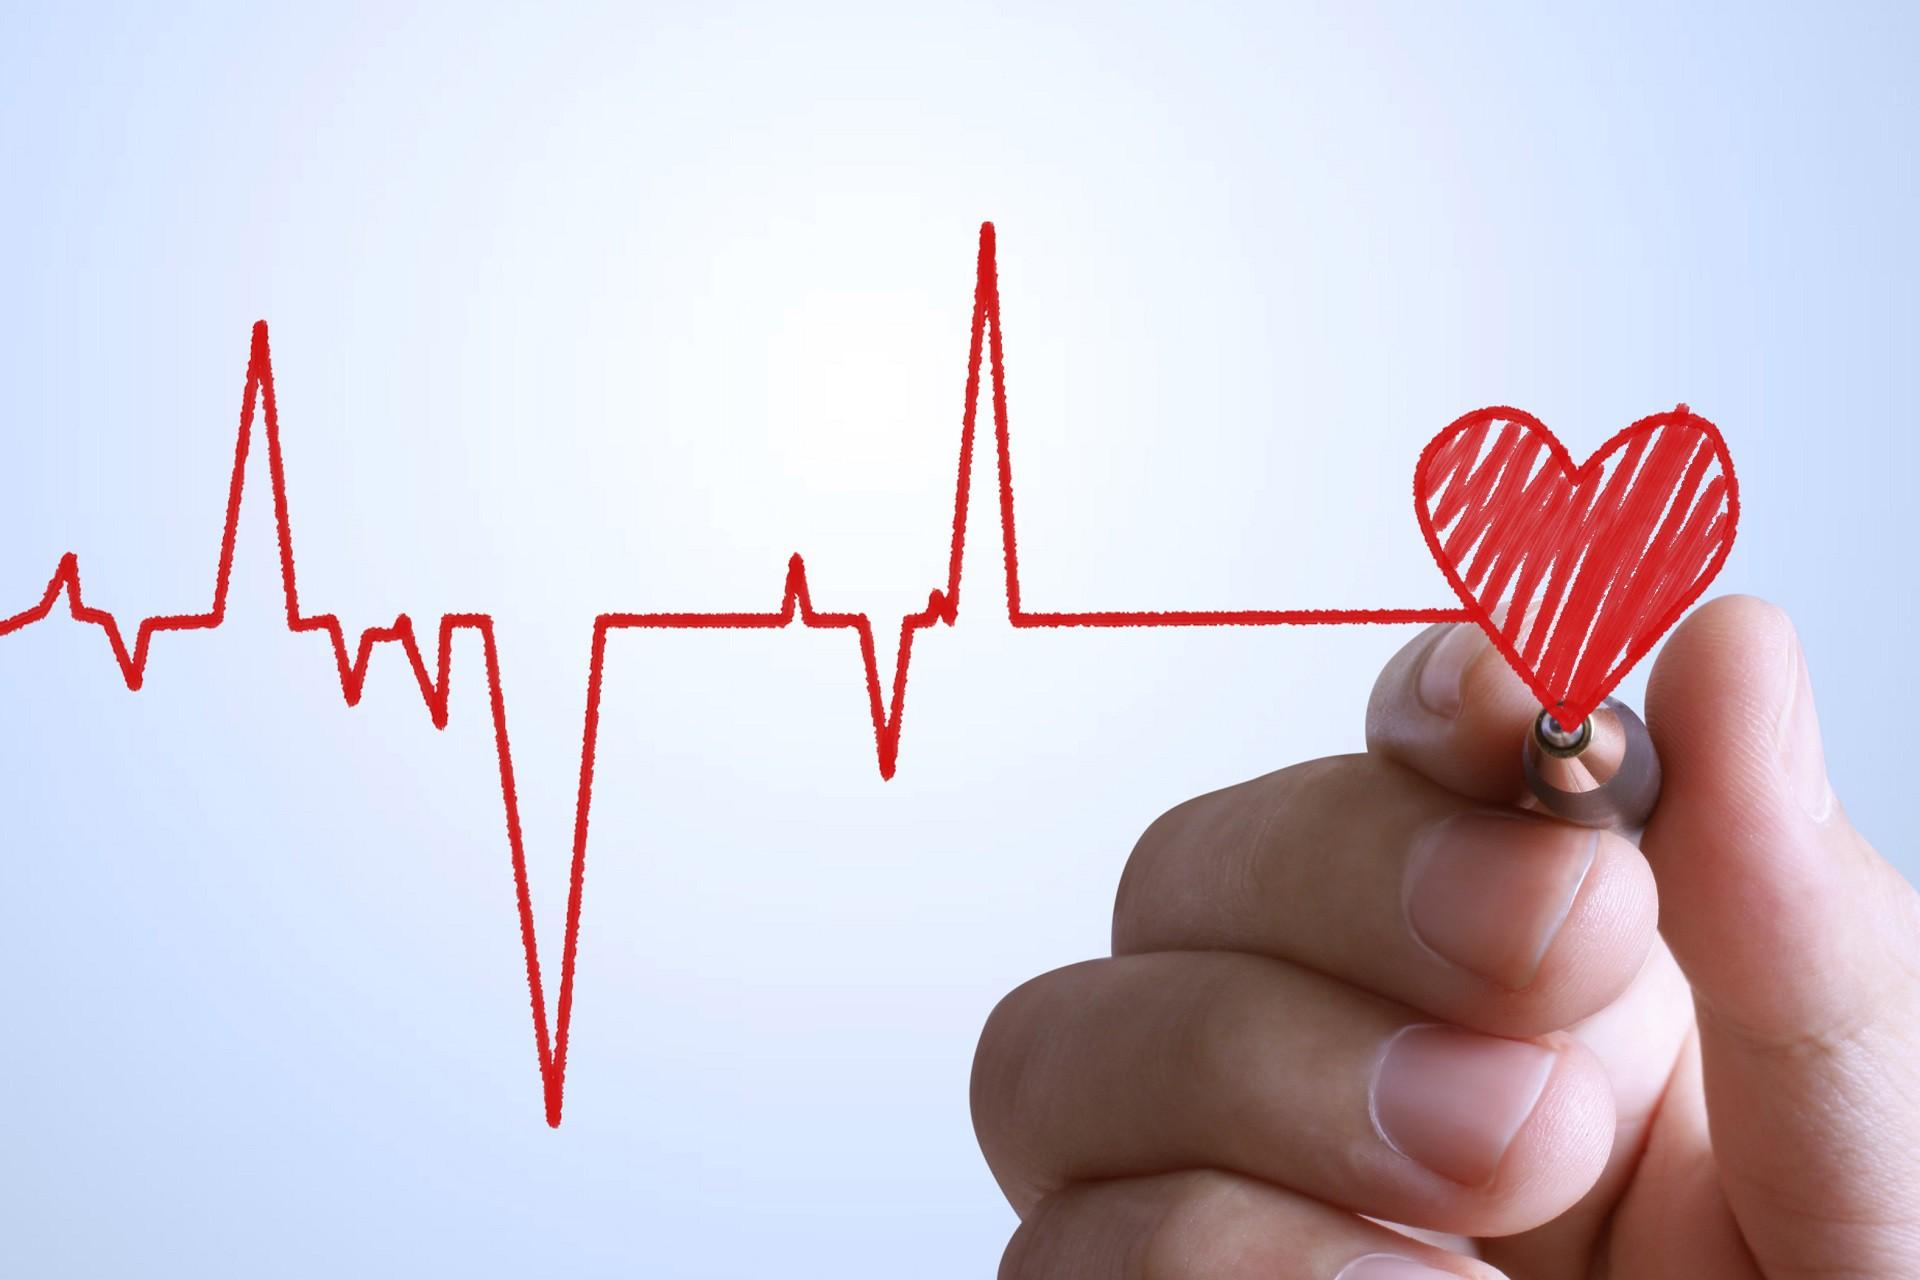 7 dấu hiệu cảnh báo cơ thể đang có bệnh mà nhiều người thường hay nhầm lẫn bỏ qua - Ảnh 2.